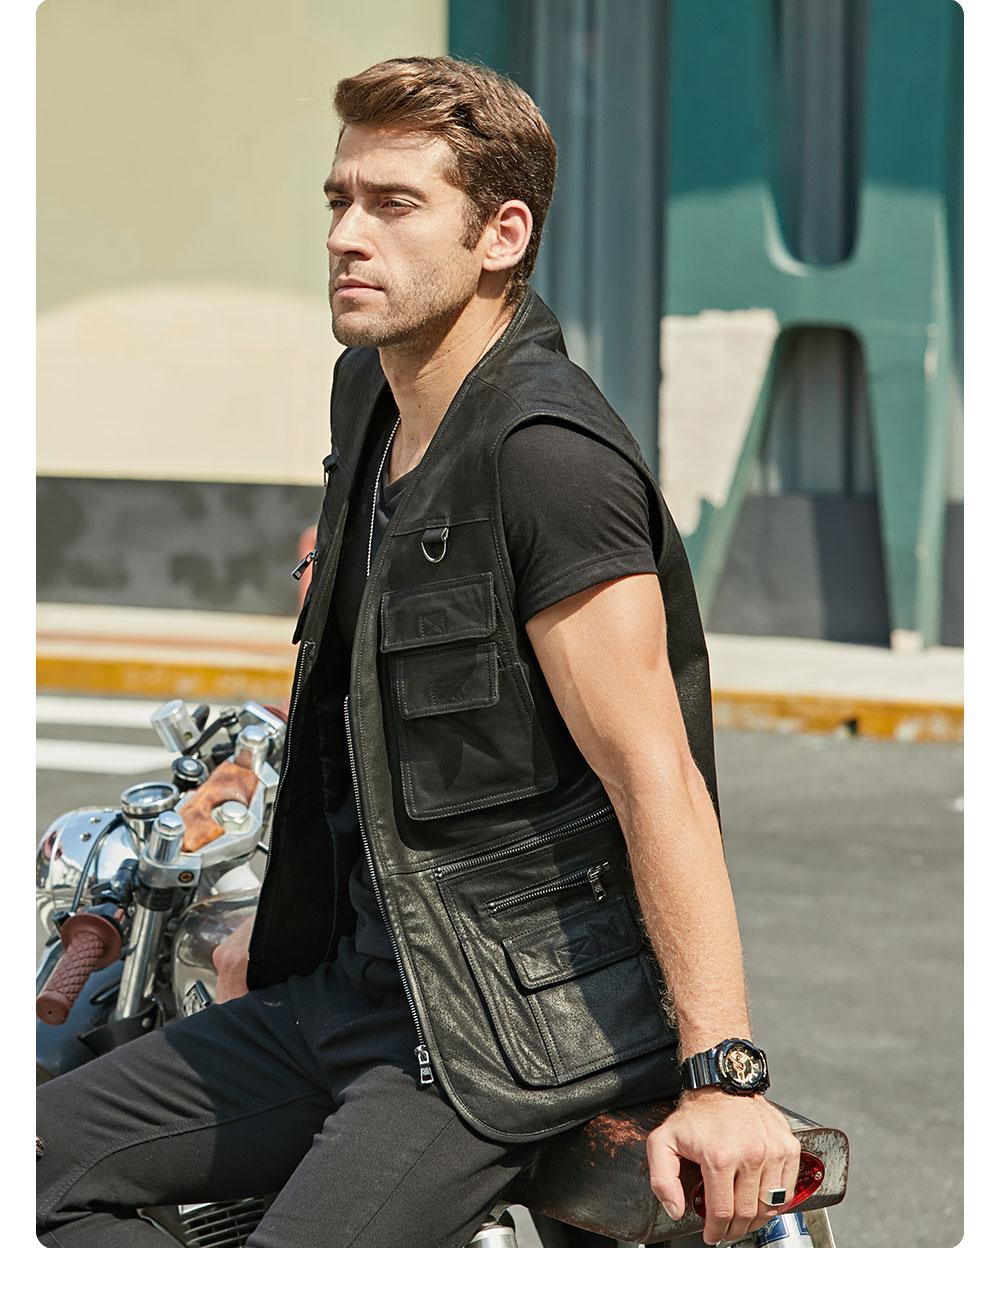 Hc8d68ec60ebd4079846743fc409a8cb1a FLAVOR New Men's Real Leather Vest Men's Motorcycle Fishing Outdoor Travel Vests